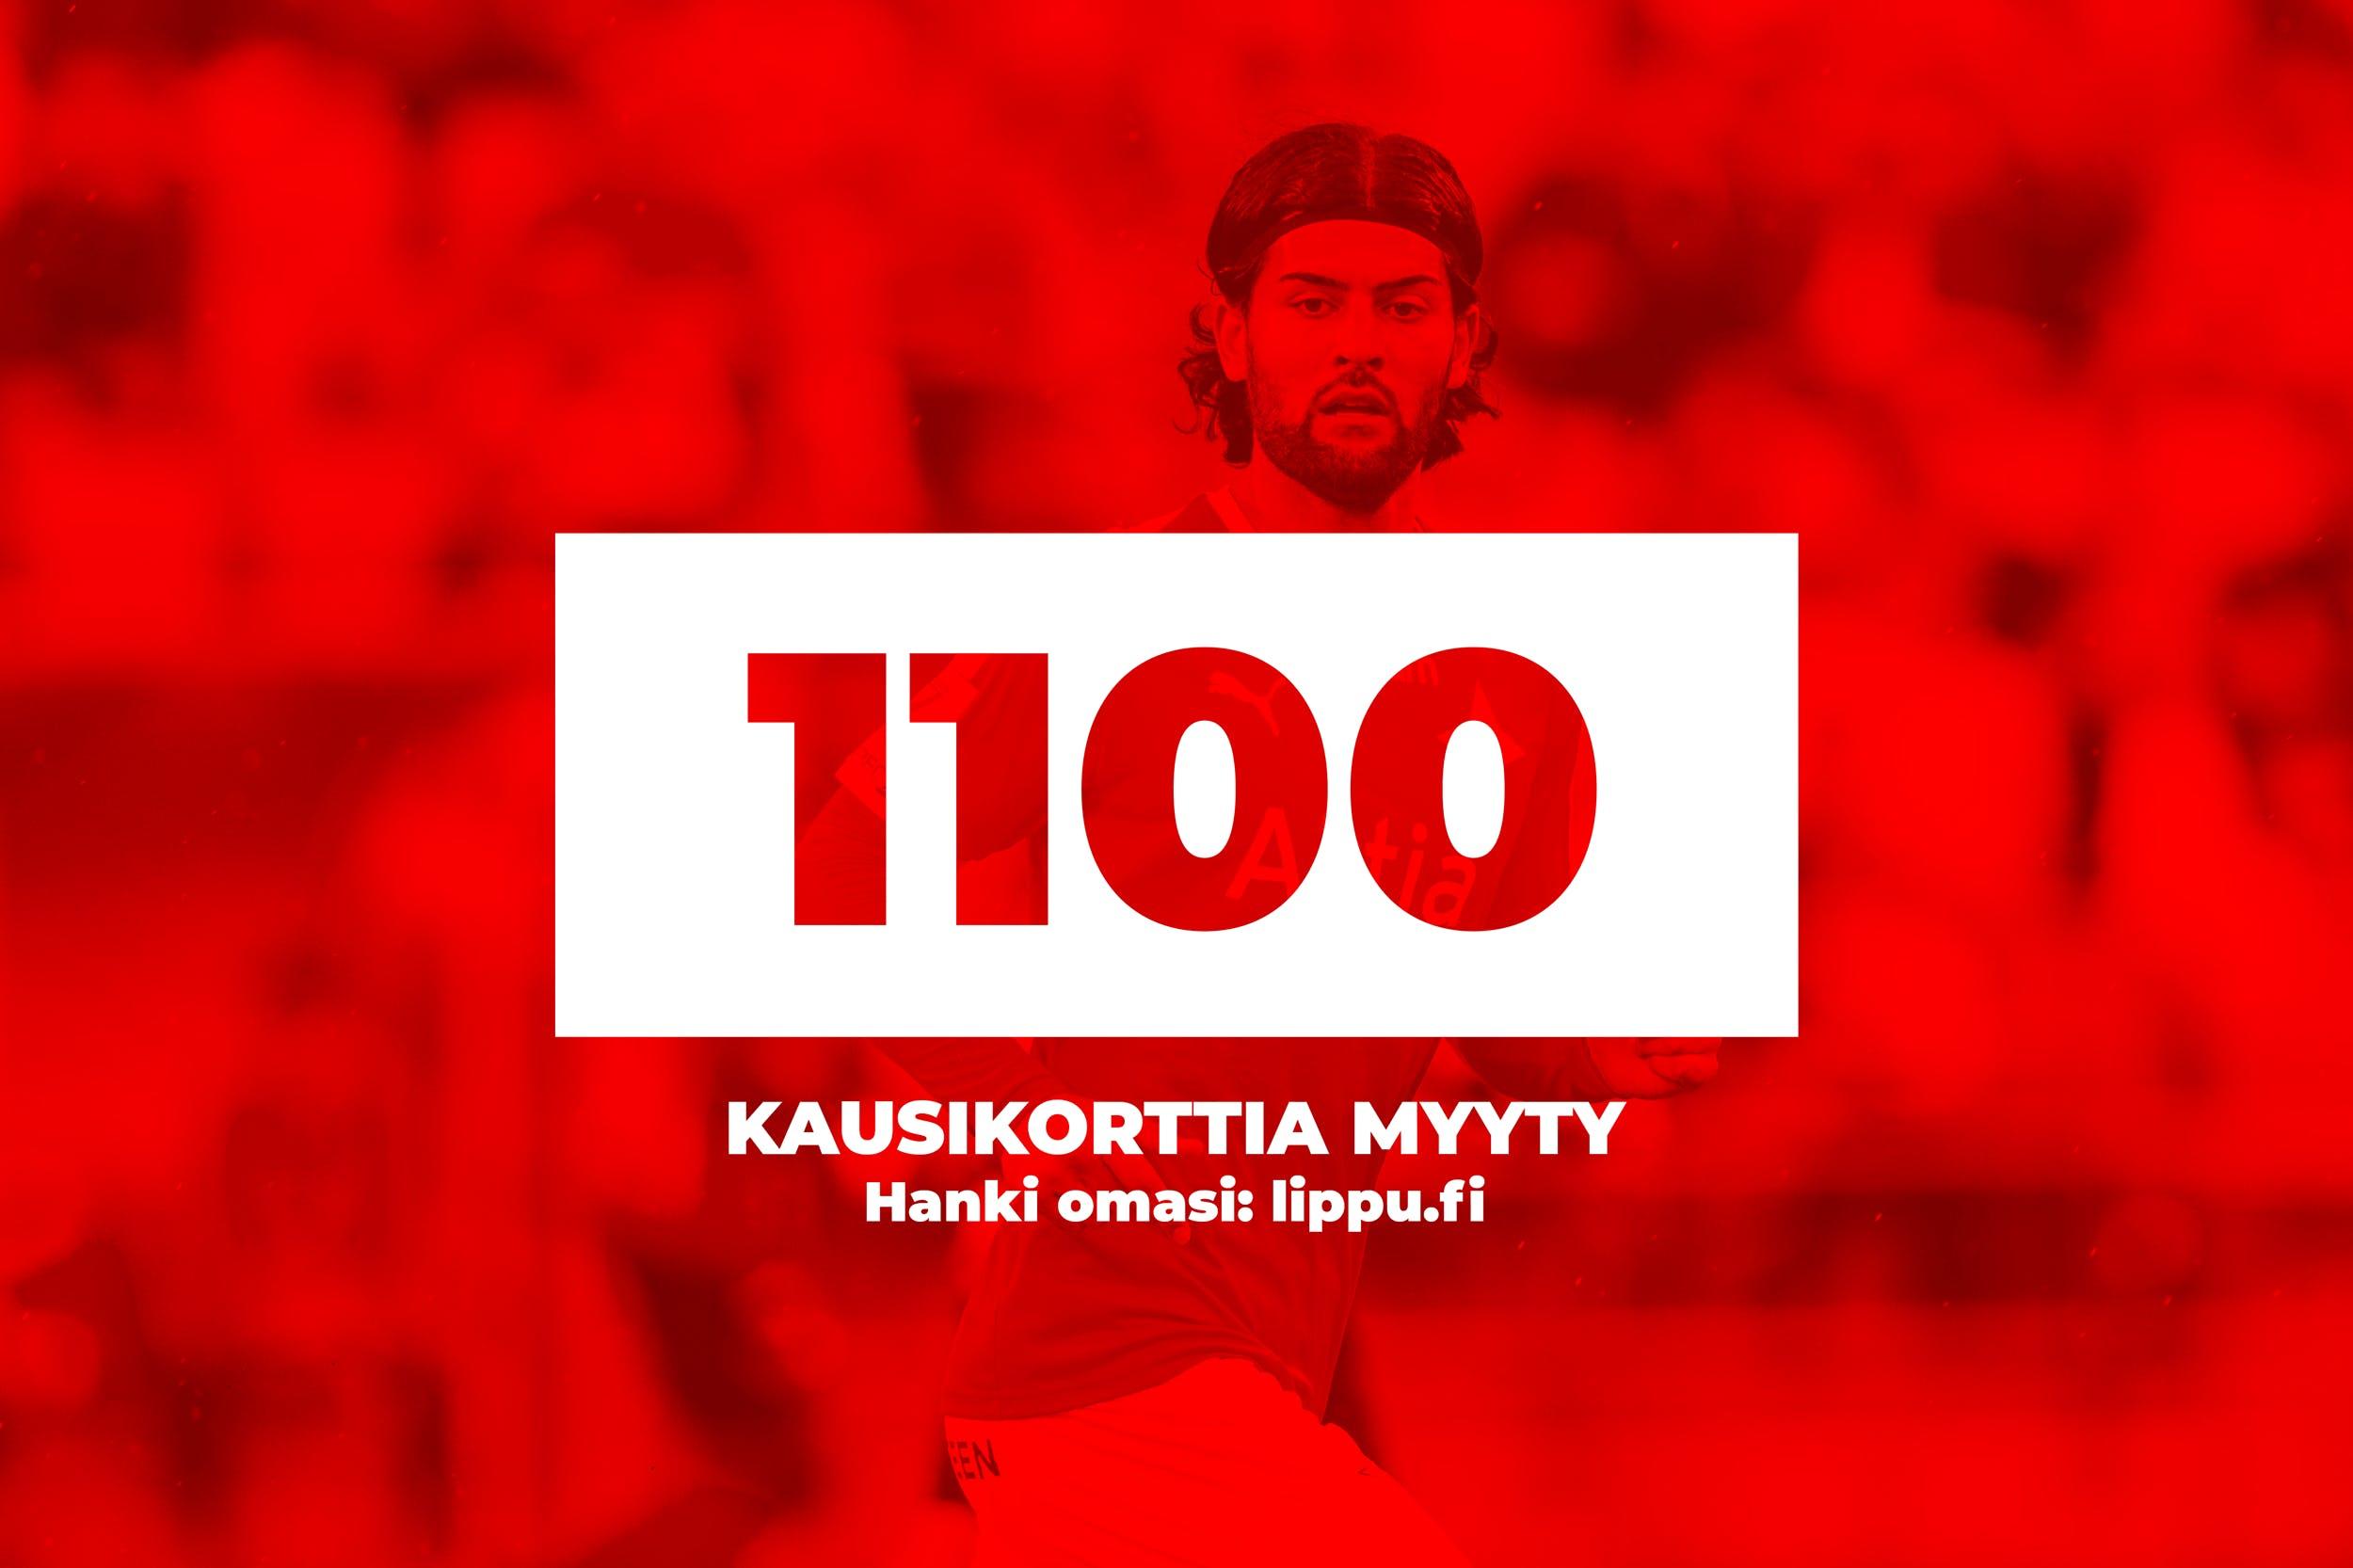 HIFK sålt 1100 säsongskort på rekordtid – snart hälften av Östra läktarens utmaning uppnådd